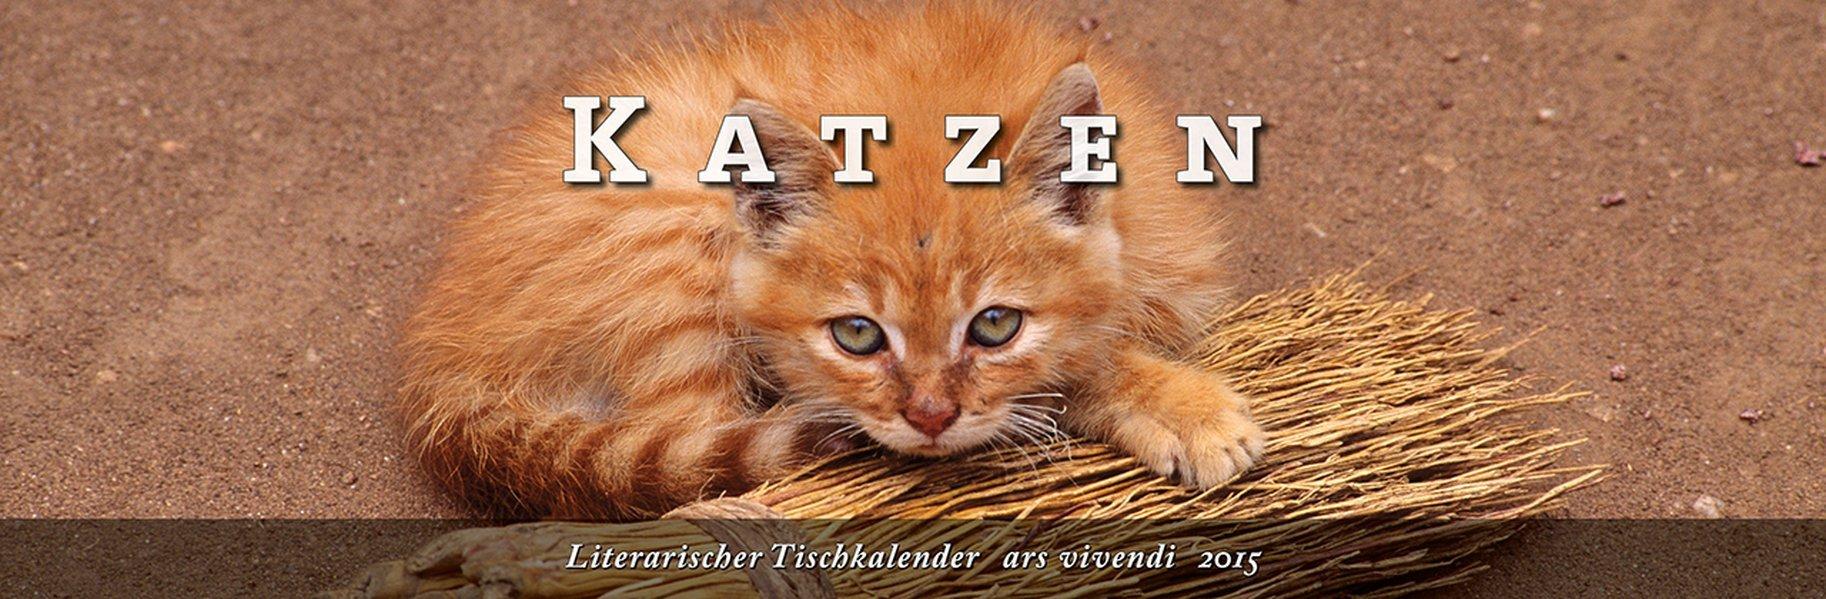 Literarischer Tischkalender Katzen 2015